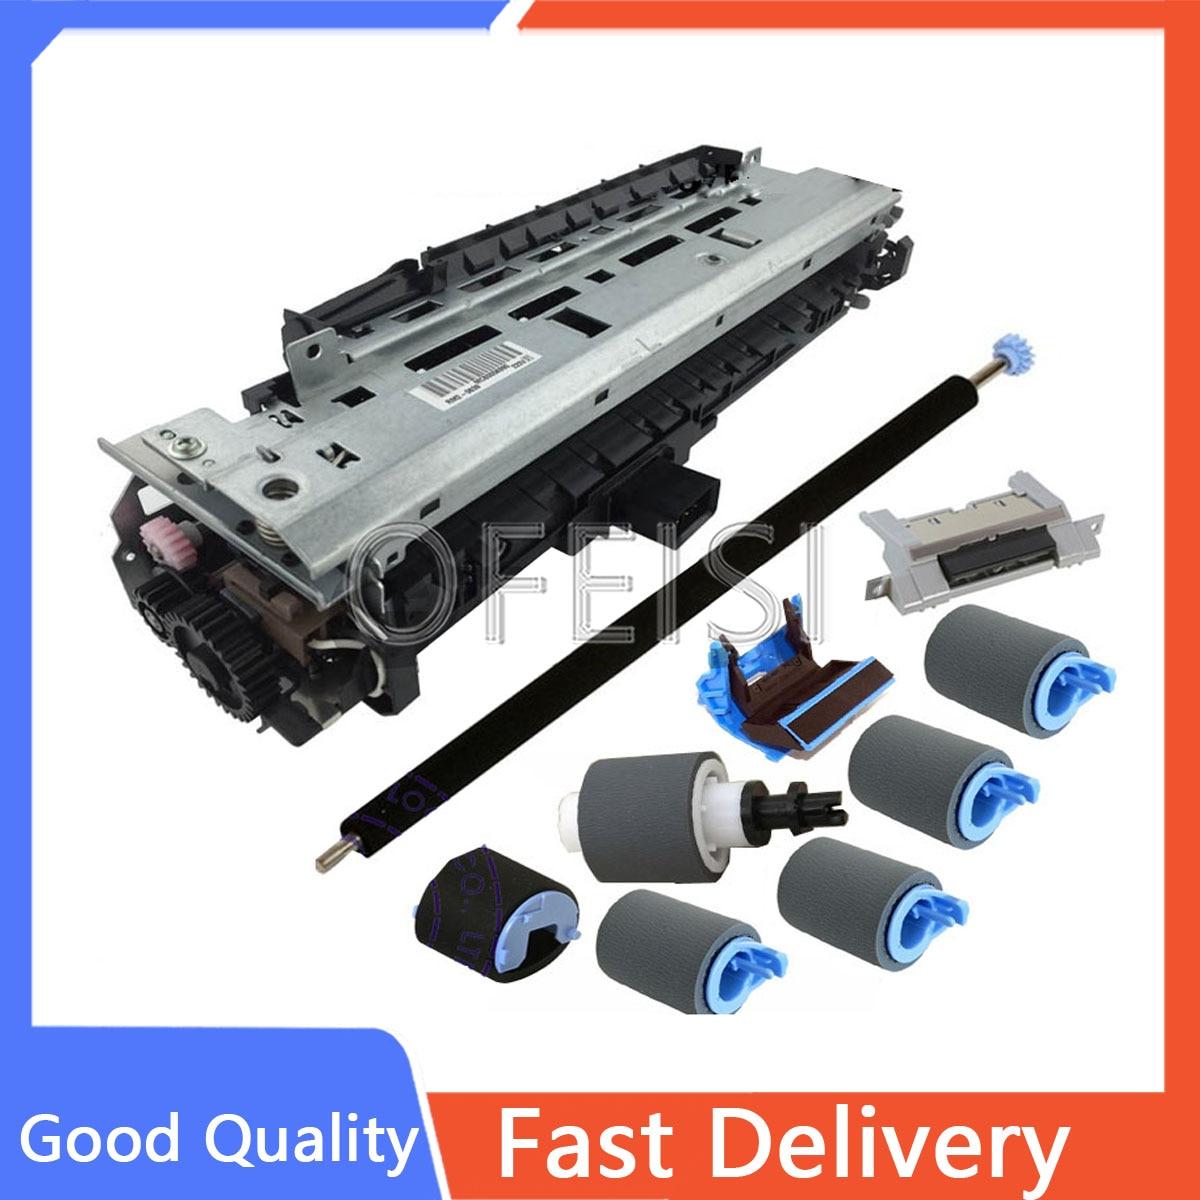 جديد orignali ل HP M435/M701/M706 صيانة Kit-220V A3E42-65016 RM2-0639 فوزر الجمعية أجزاء الطابعة على بيع